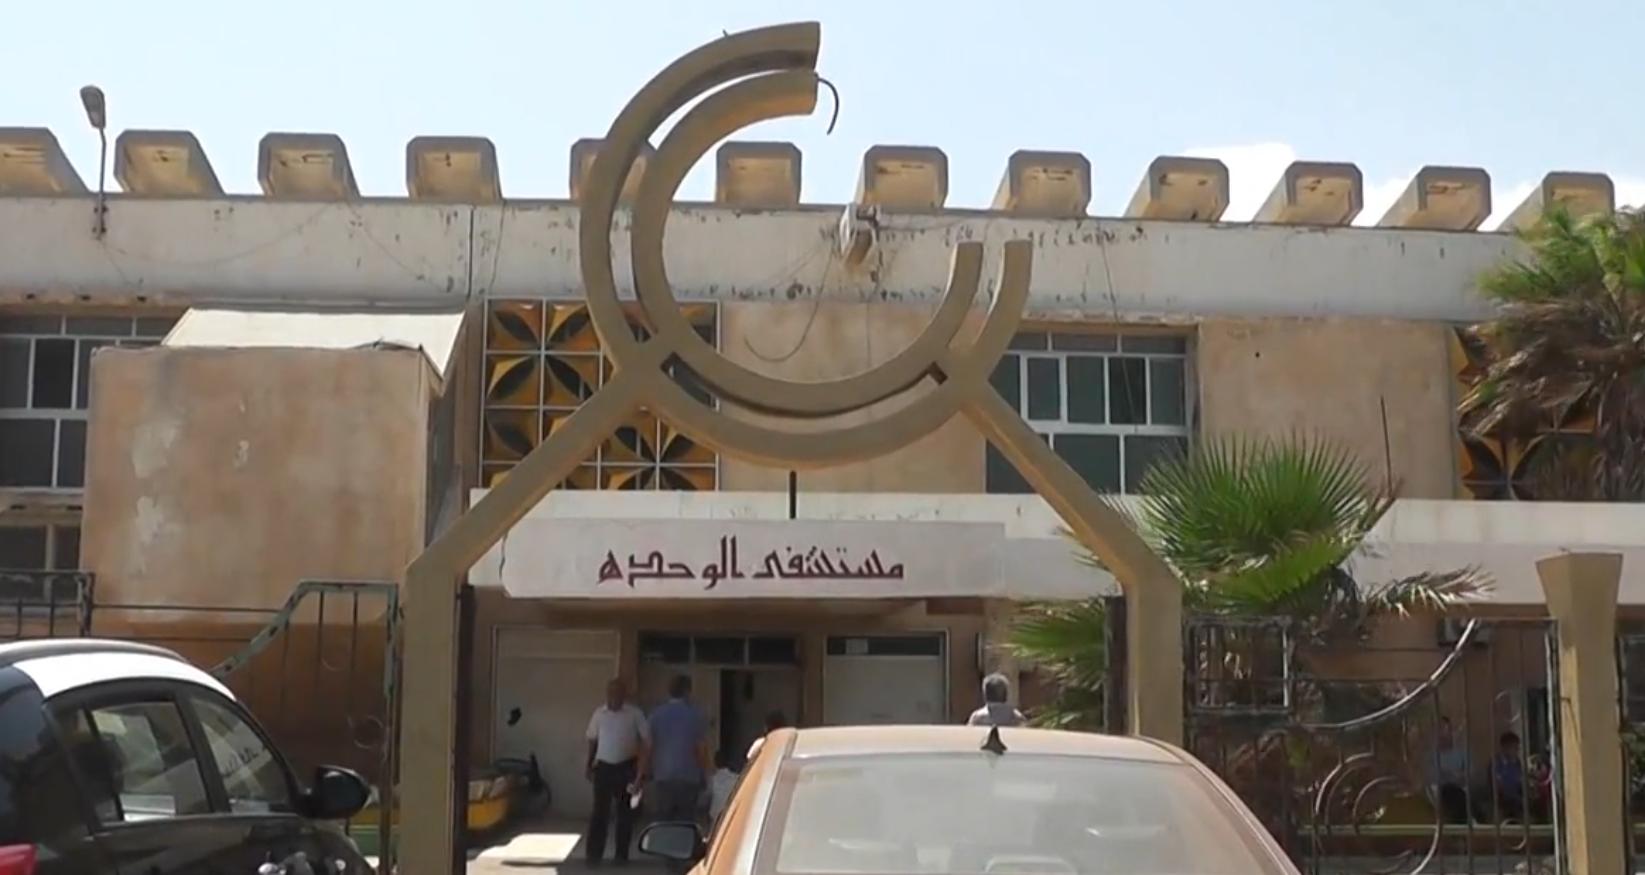 """Photo of بن فايد لقناة 218: """"معاناة"""" مستشفى درنة تتفاقم ولا """" حلول"""""""